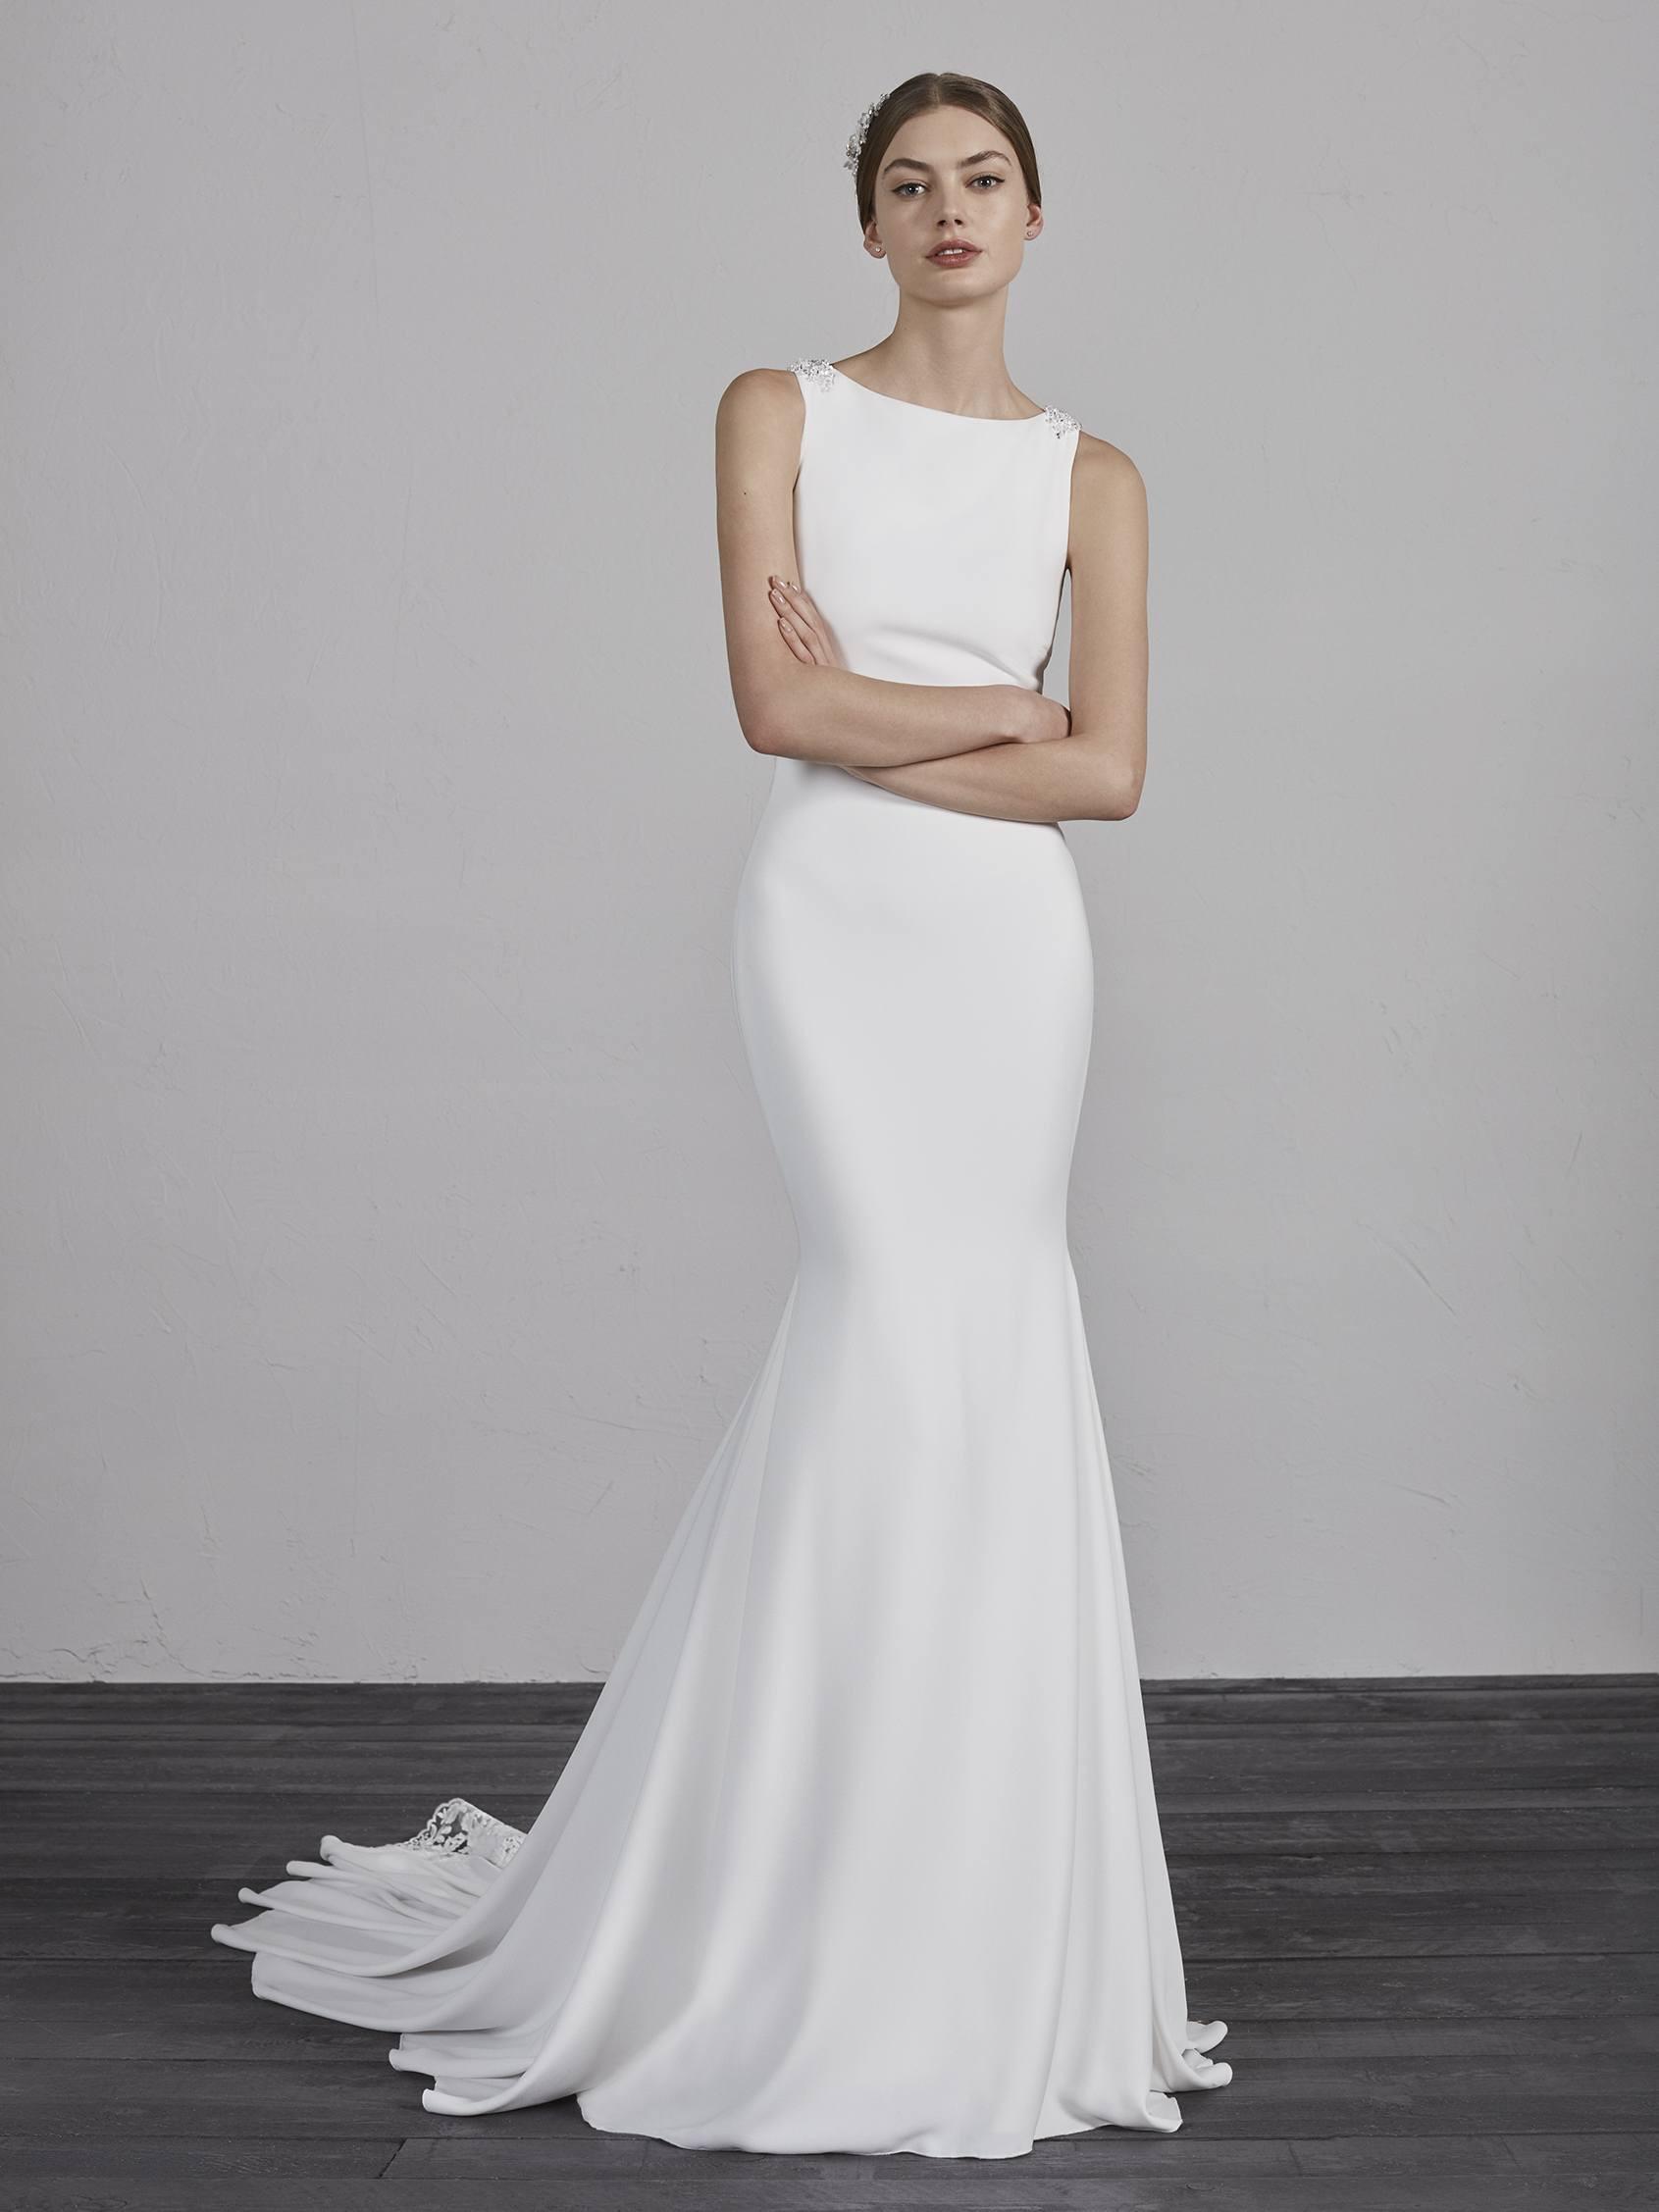 Bateau Neck Sleeveless Illusion Lace Back Mermaid Wedding Dress ...